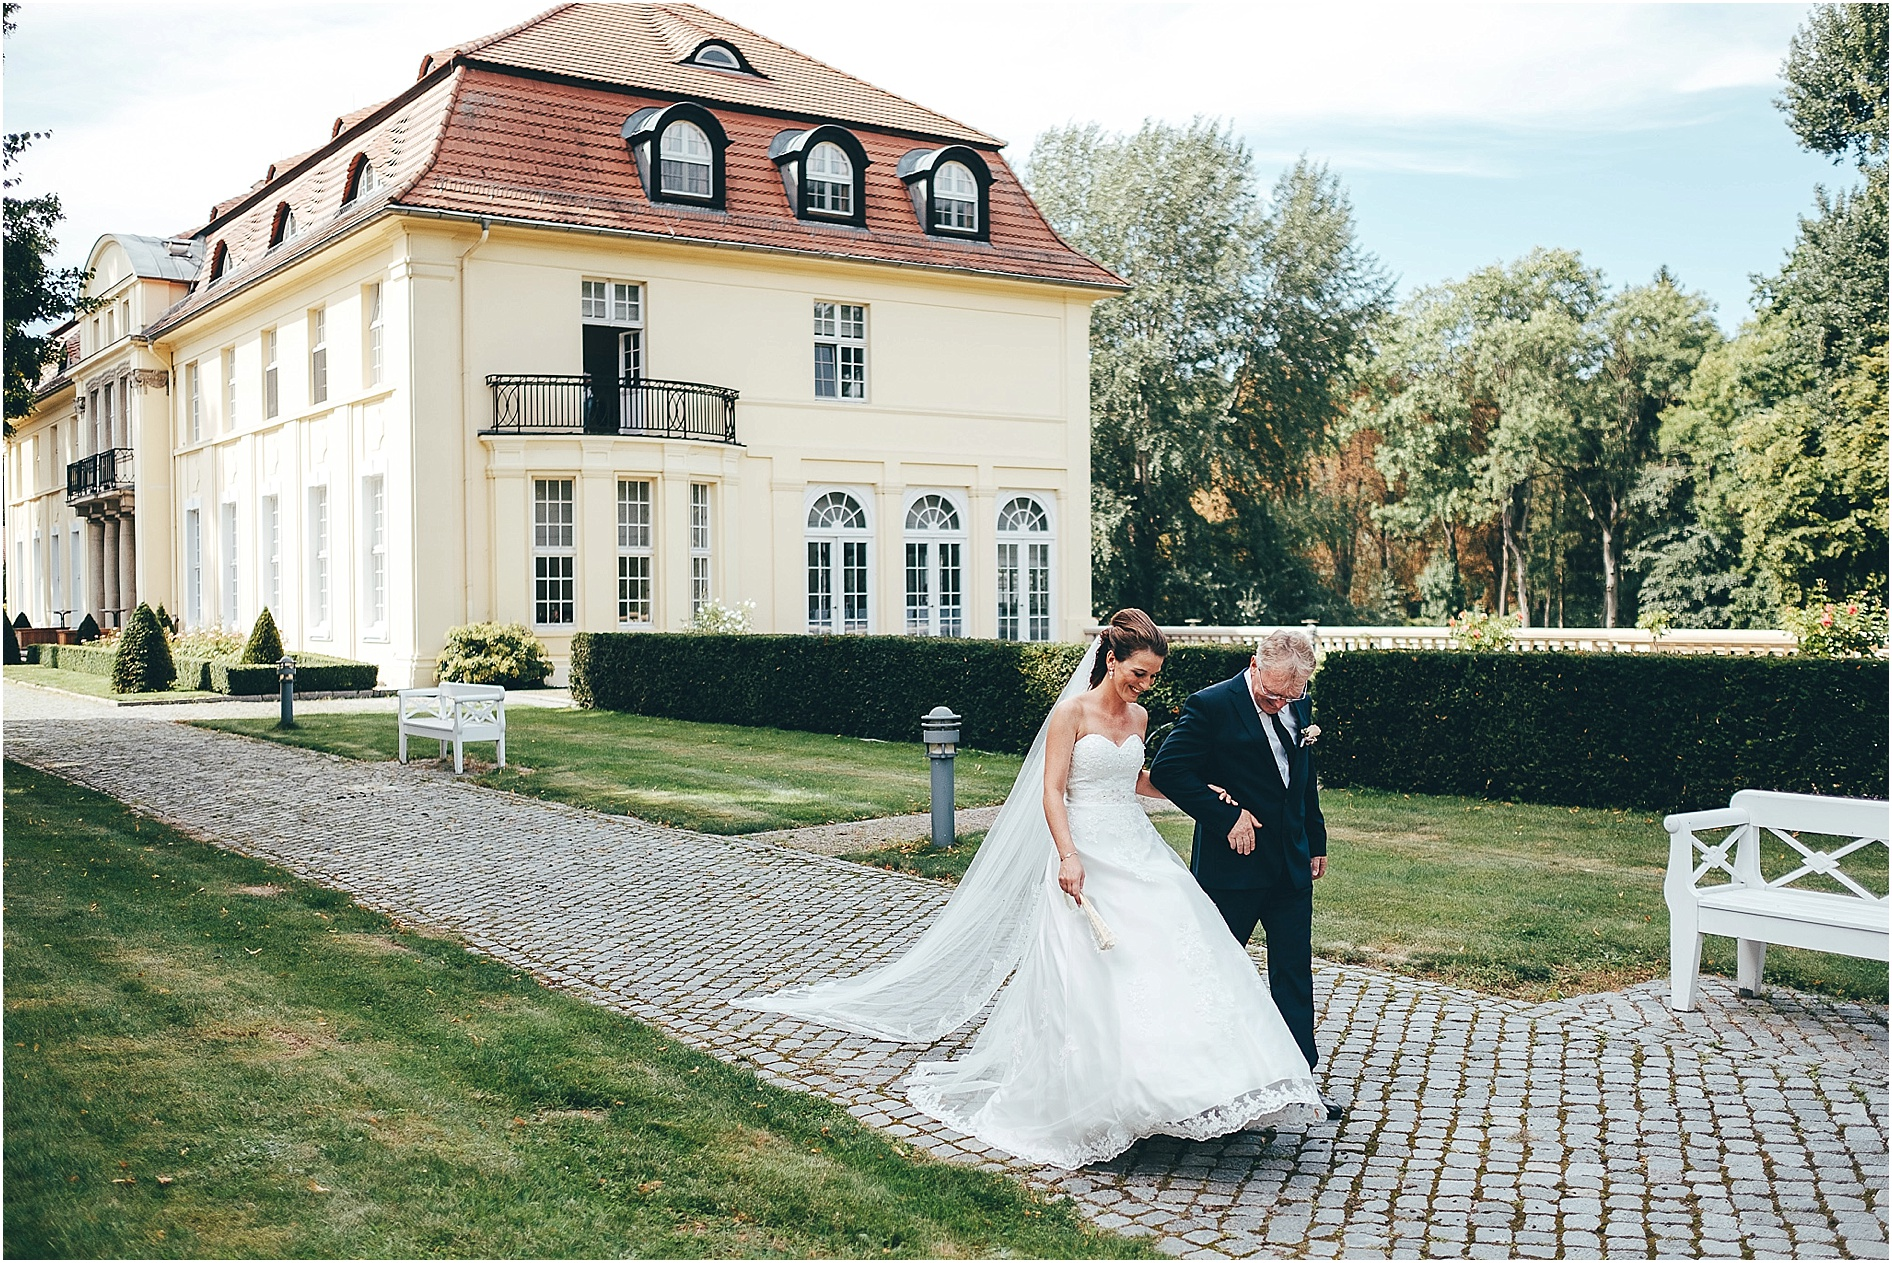 2017-01-17_0025 Sarah & Basti - Hochzeit auf Schloss Hasenwinkel